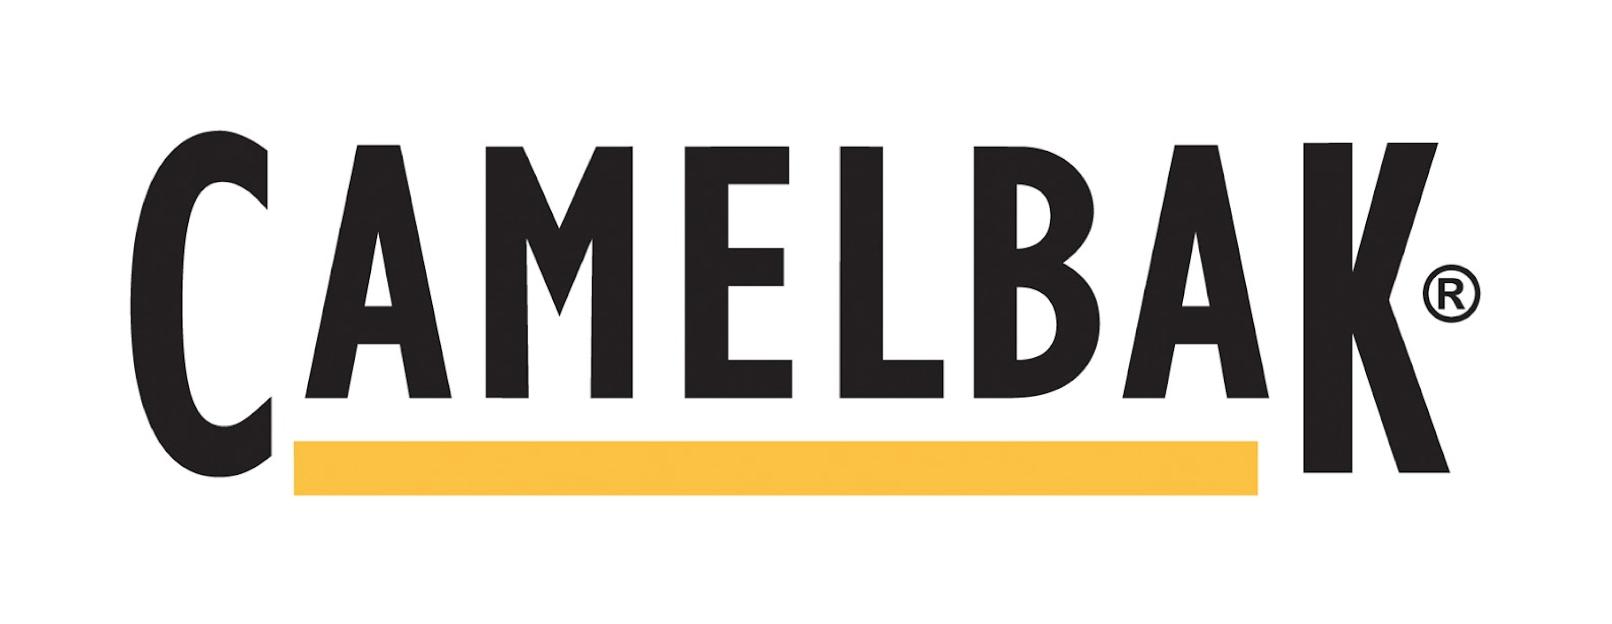 Sponsor Camelbak